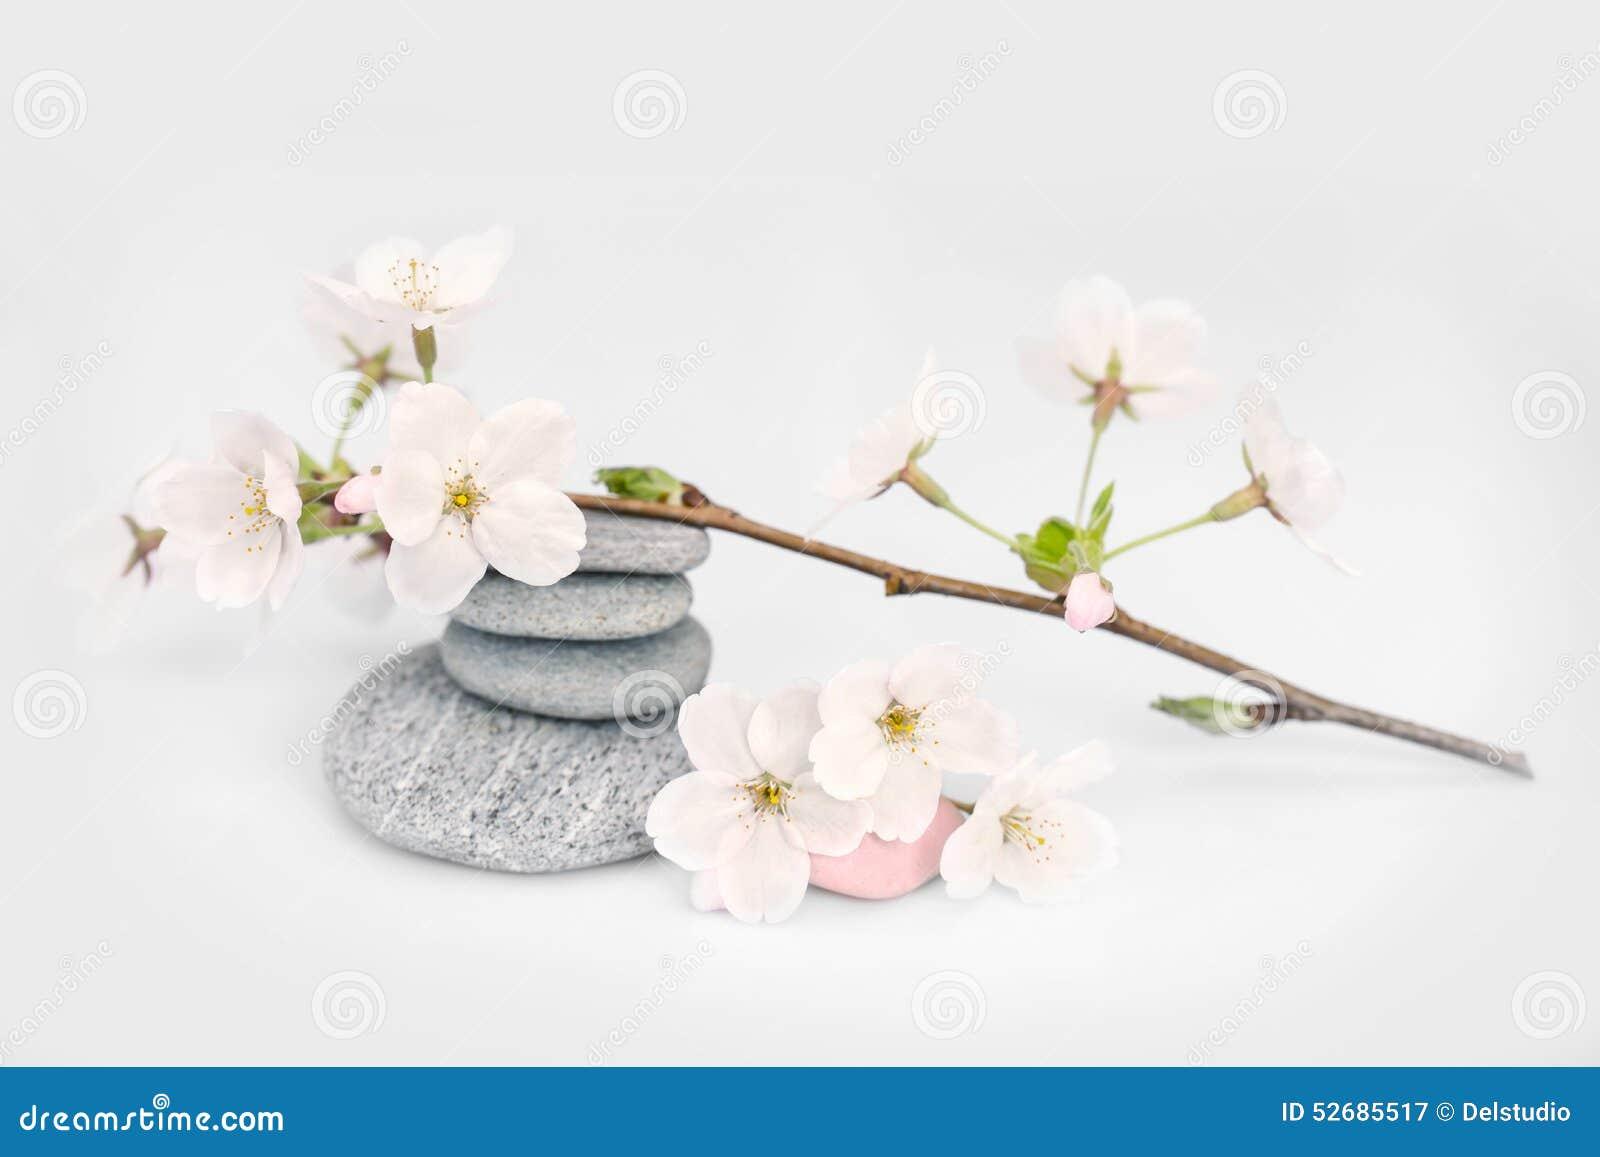 Branche et cailloux de fleur de cerisier image stock for Photo ecran zen